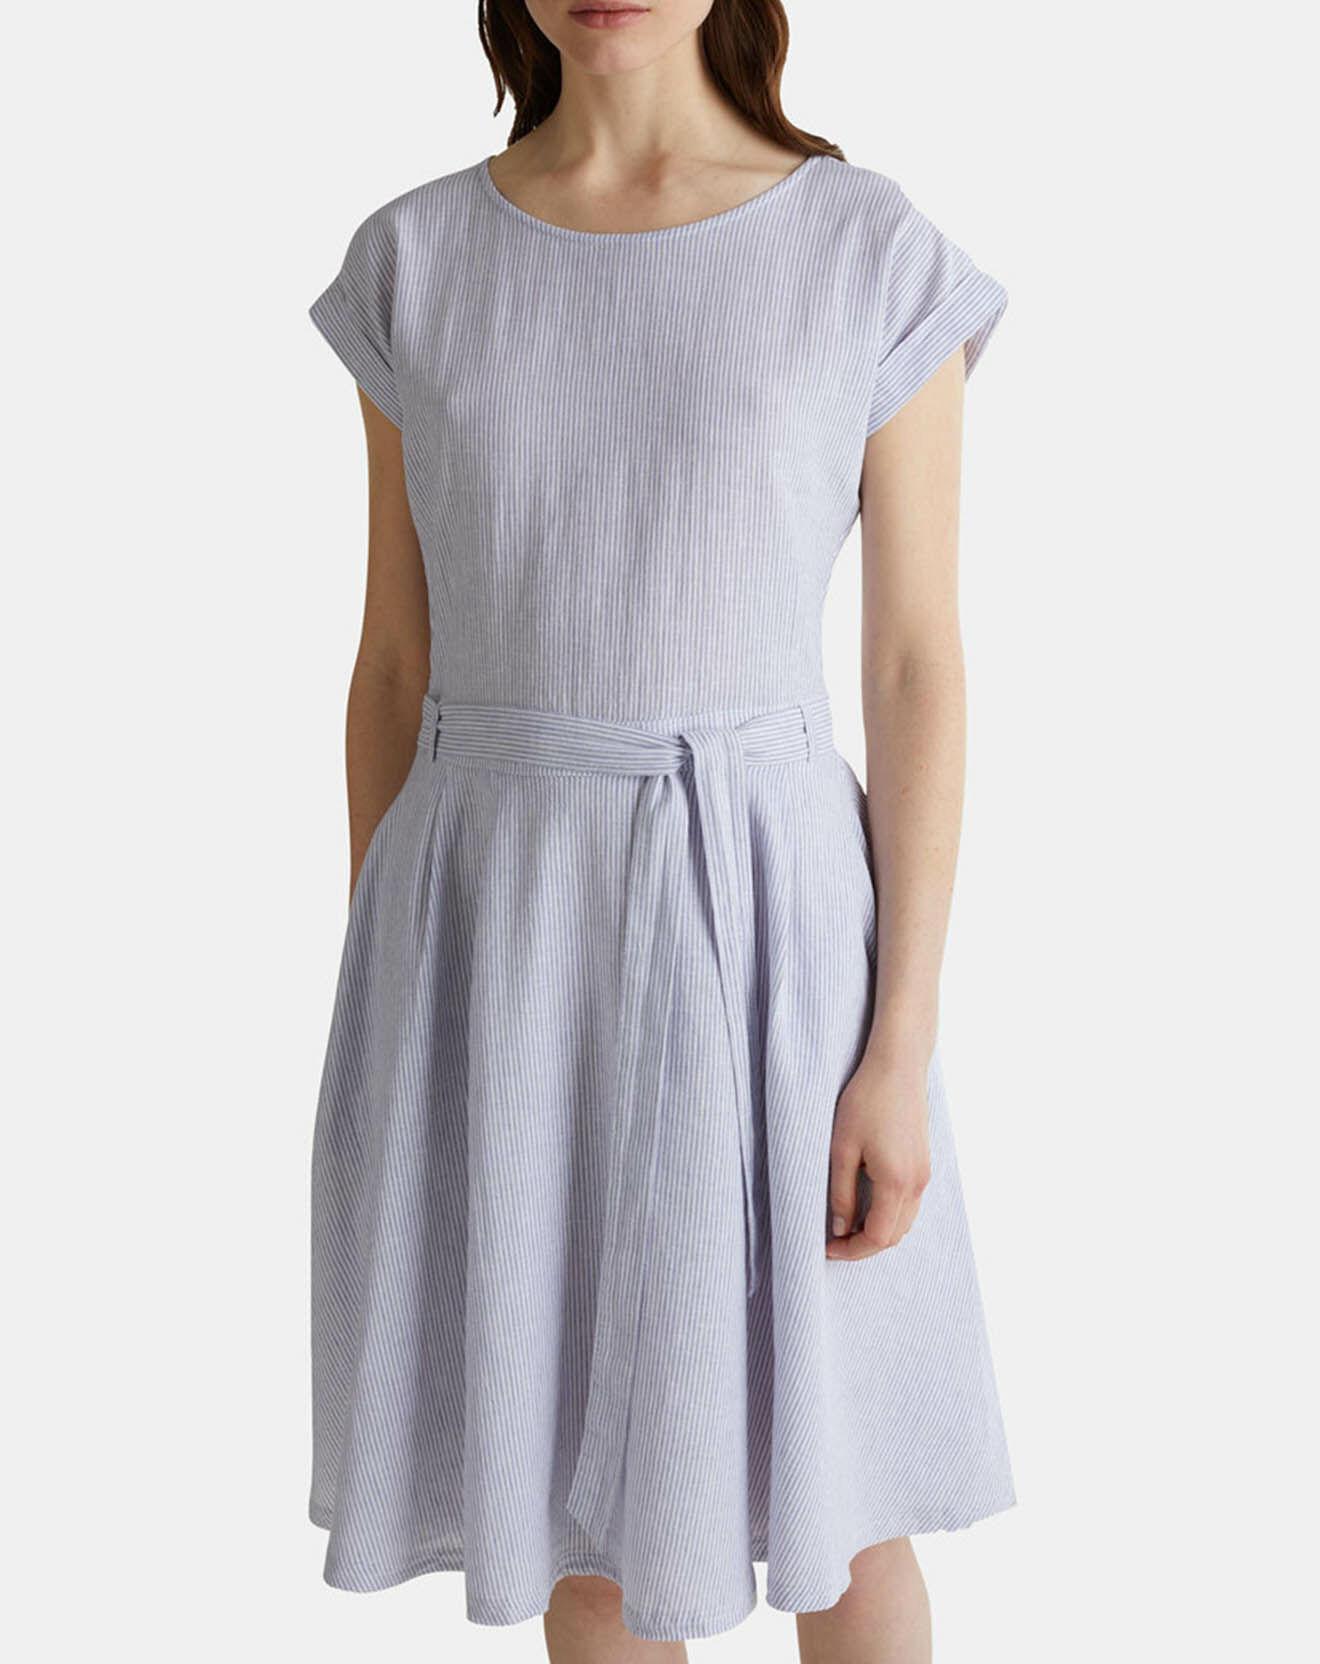 Robe en Lin & Coton rayée bleu/blanc - Esprit - Modalova